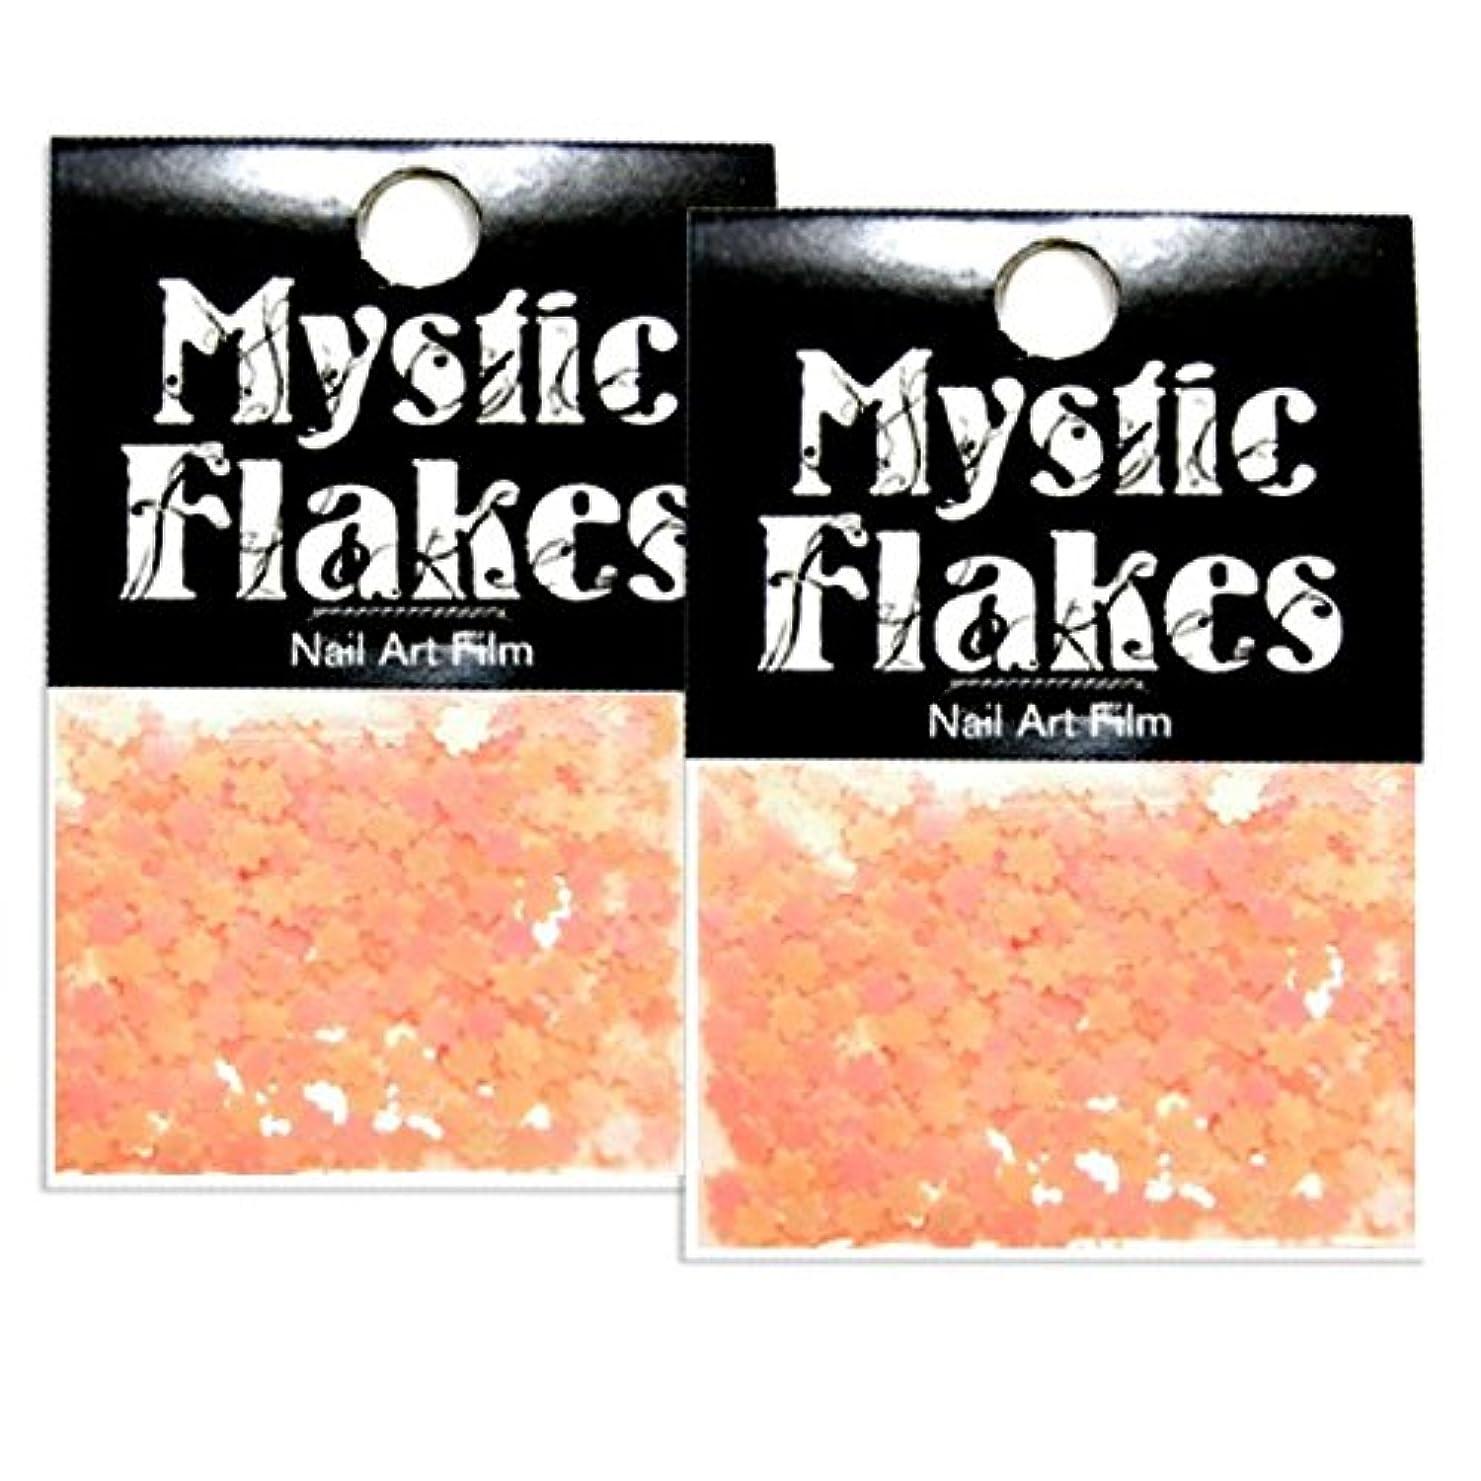 床を掃除するイースター暴力的なミスティックフレース ネイル用ストーン ルミネオレンジ フラワー 0.5g 2個セット